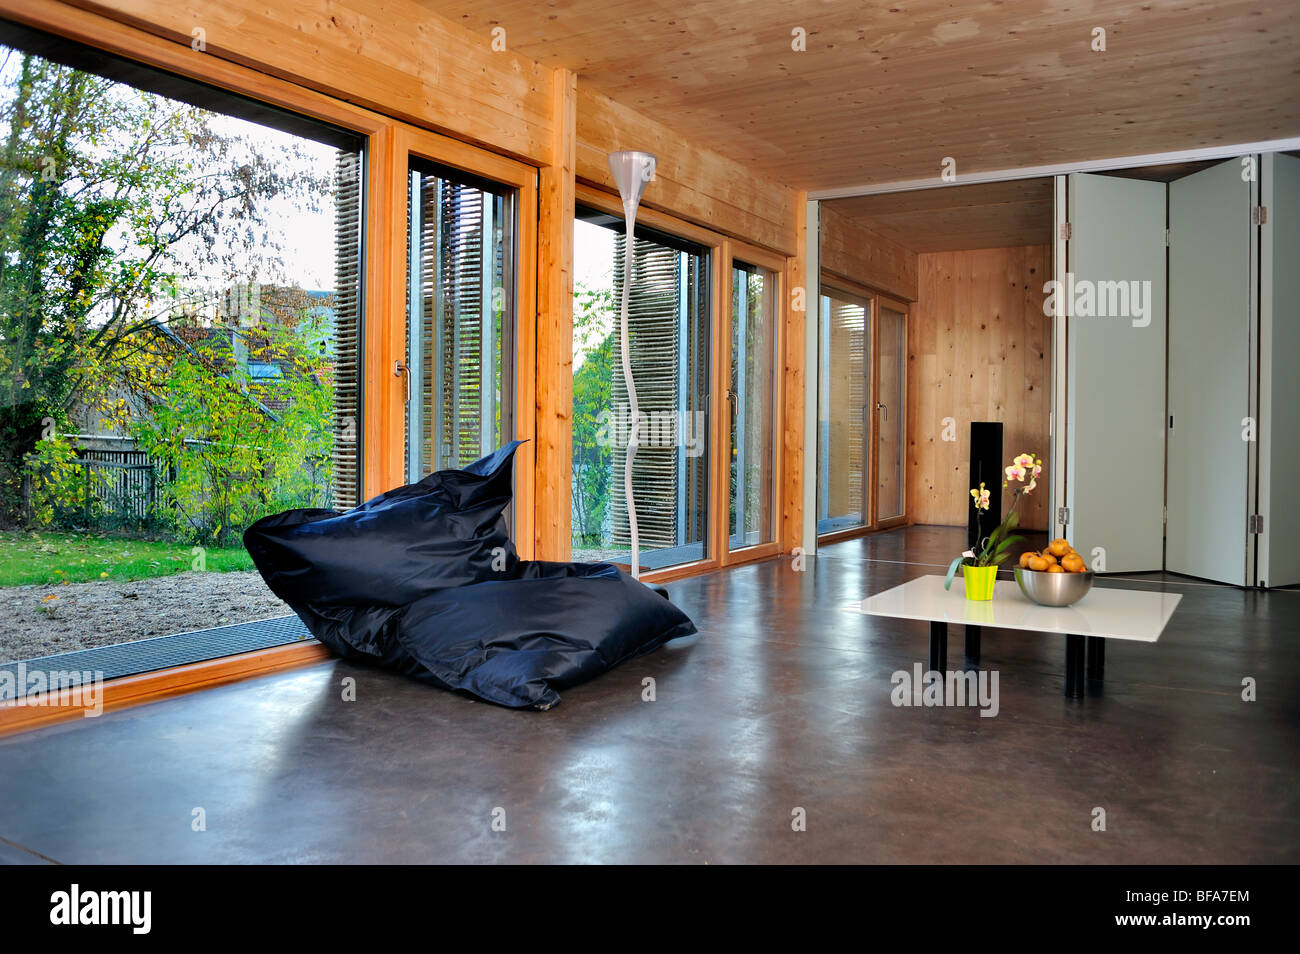 Paris, France, Maison verte durable, consommation d'énergie nulle, Maison passive 'Maison passive', maison écologique Banque D'Images